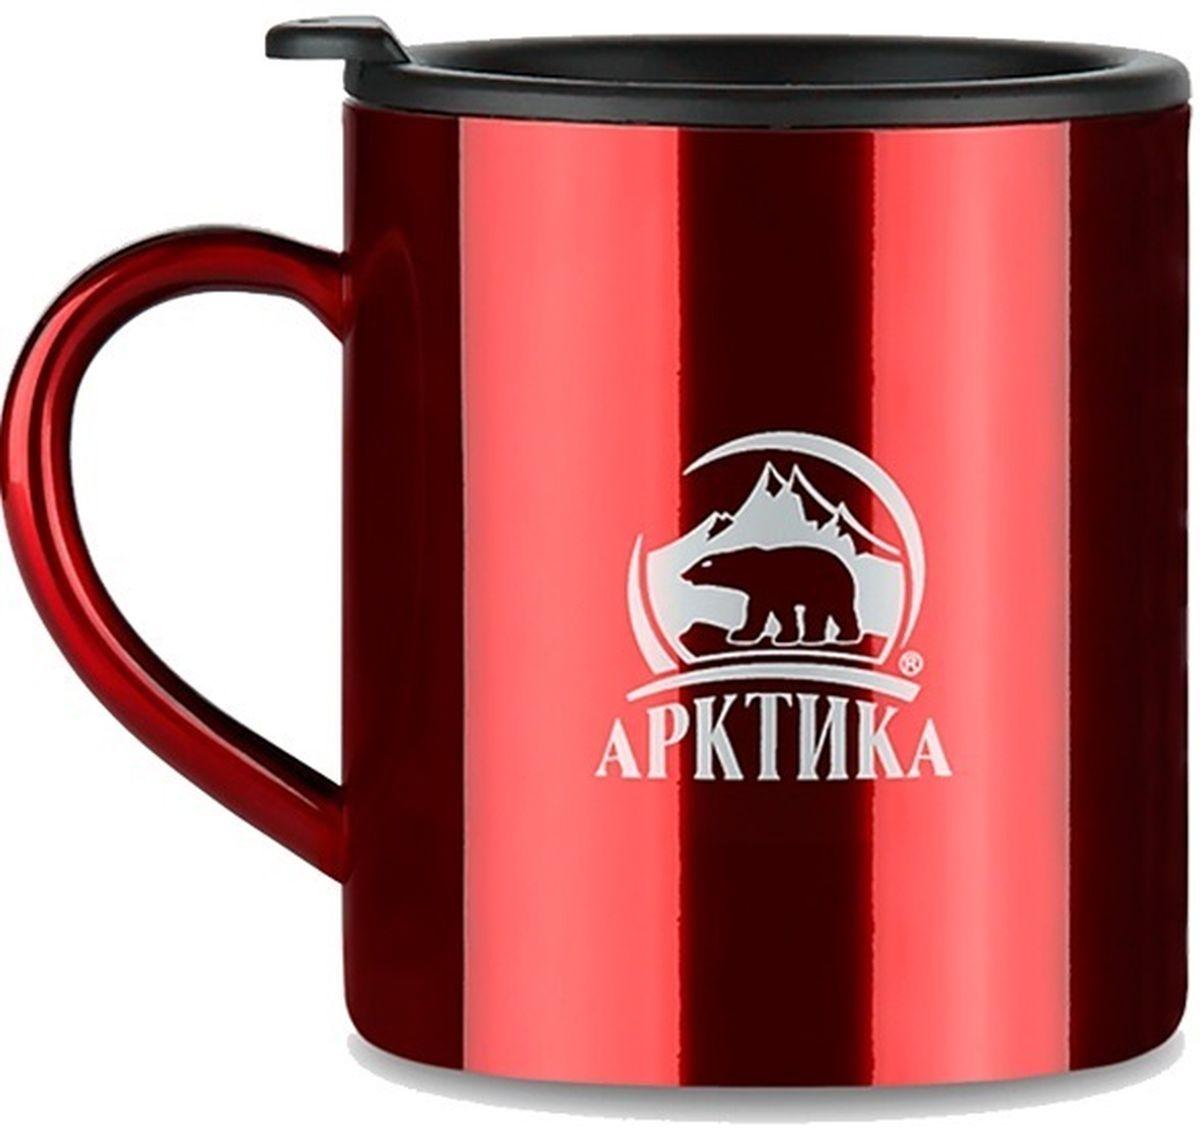 Термокружка Арктика, цвет: красный, 0,4 л802-400 краснаяТермокружка Арктика – универсальна, она одинаково хороша и при использовании дома, если Вы любите растягивать удовольствие от напитка и Вам не нравится, что он так быстро остывает, и на даче, где такая посуда особенно впору в силу своей прочности, долговечности и практичности – ею приятно пользоваться, ведь она не обжигает руки, ее легко мыть, можно не бояться уронить термокружку Арктика, нержавеющая сталь равнодушно выдержит любые удары судьбы. Крышка с отверстием, поставляемая в комплекте плотно фиксируется на термокружке. Помимо той очевидной выгоды, что напиток не будет разливаться, Вы можете быть уверены, что в жаркий летний день любопытные насекомые не смогут позариться на содержимоетермокружки. Русская компания Арктика выпускает термопосуду для российского рынка – Вы не платите за растаможку товара и огромные транспортные наценки, поэтому цена натермокружки Арктика более чем адекватна, что не может не радовать